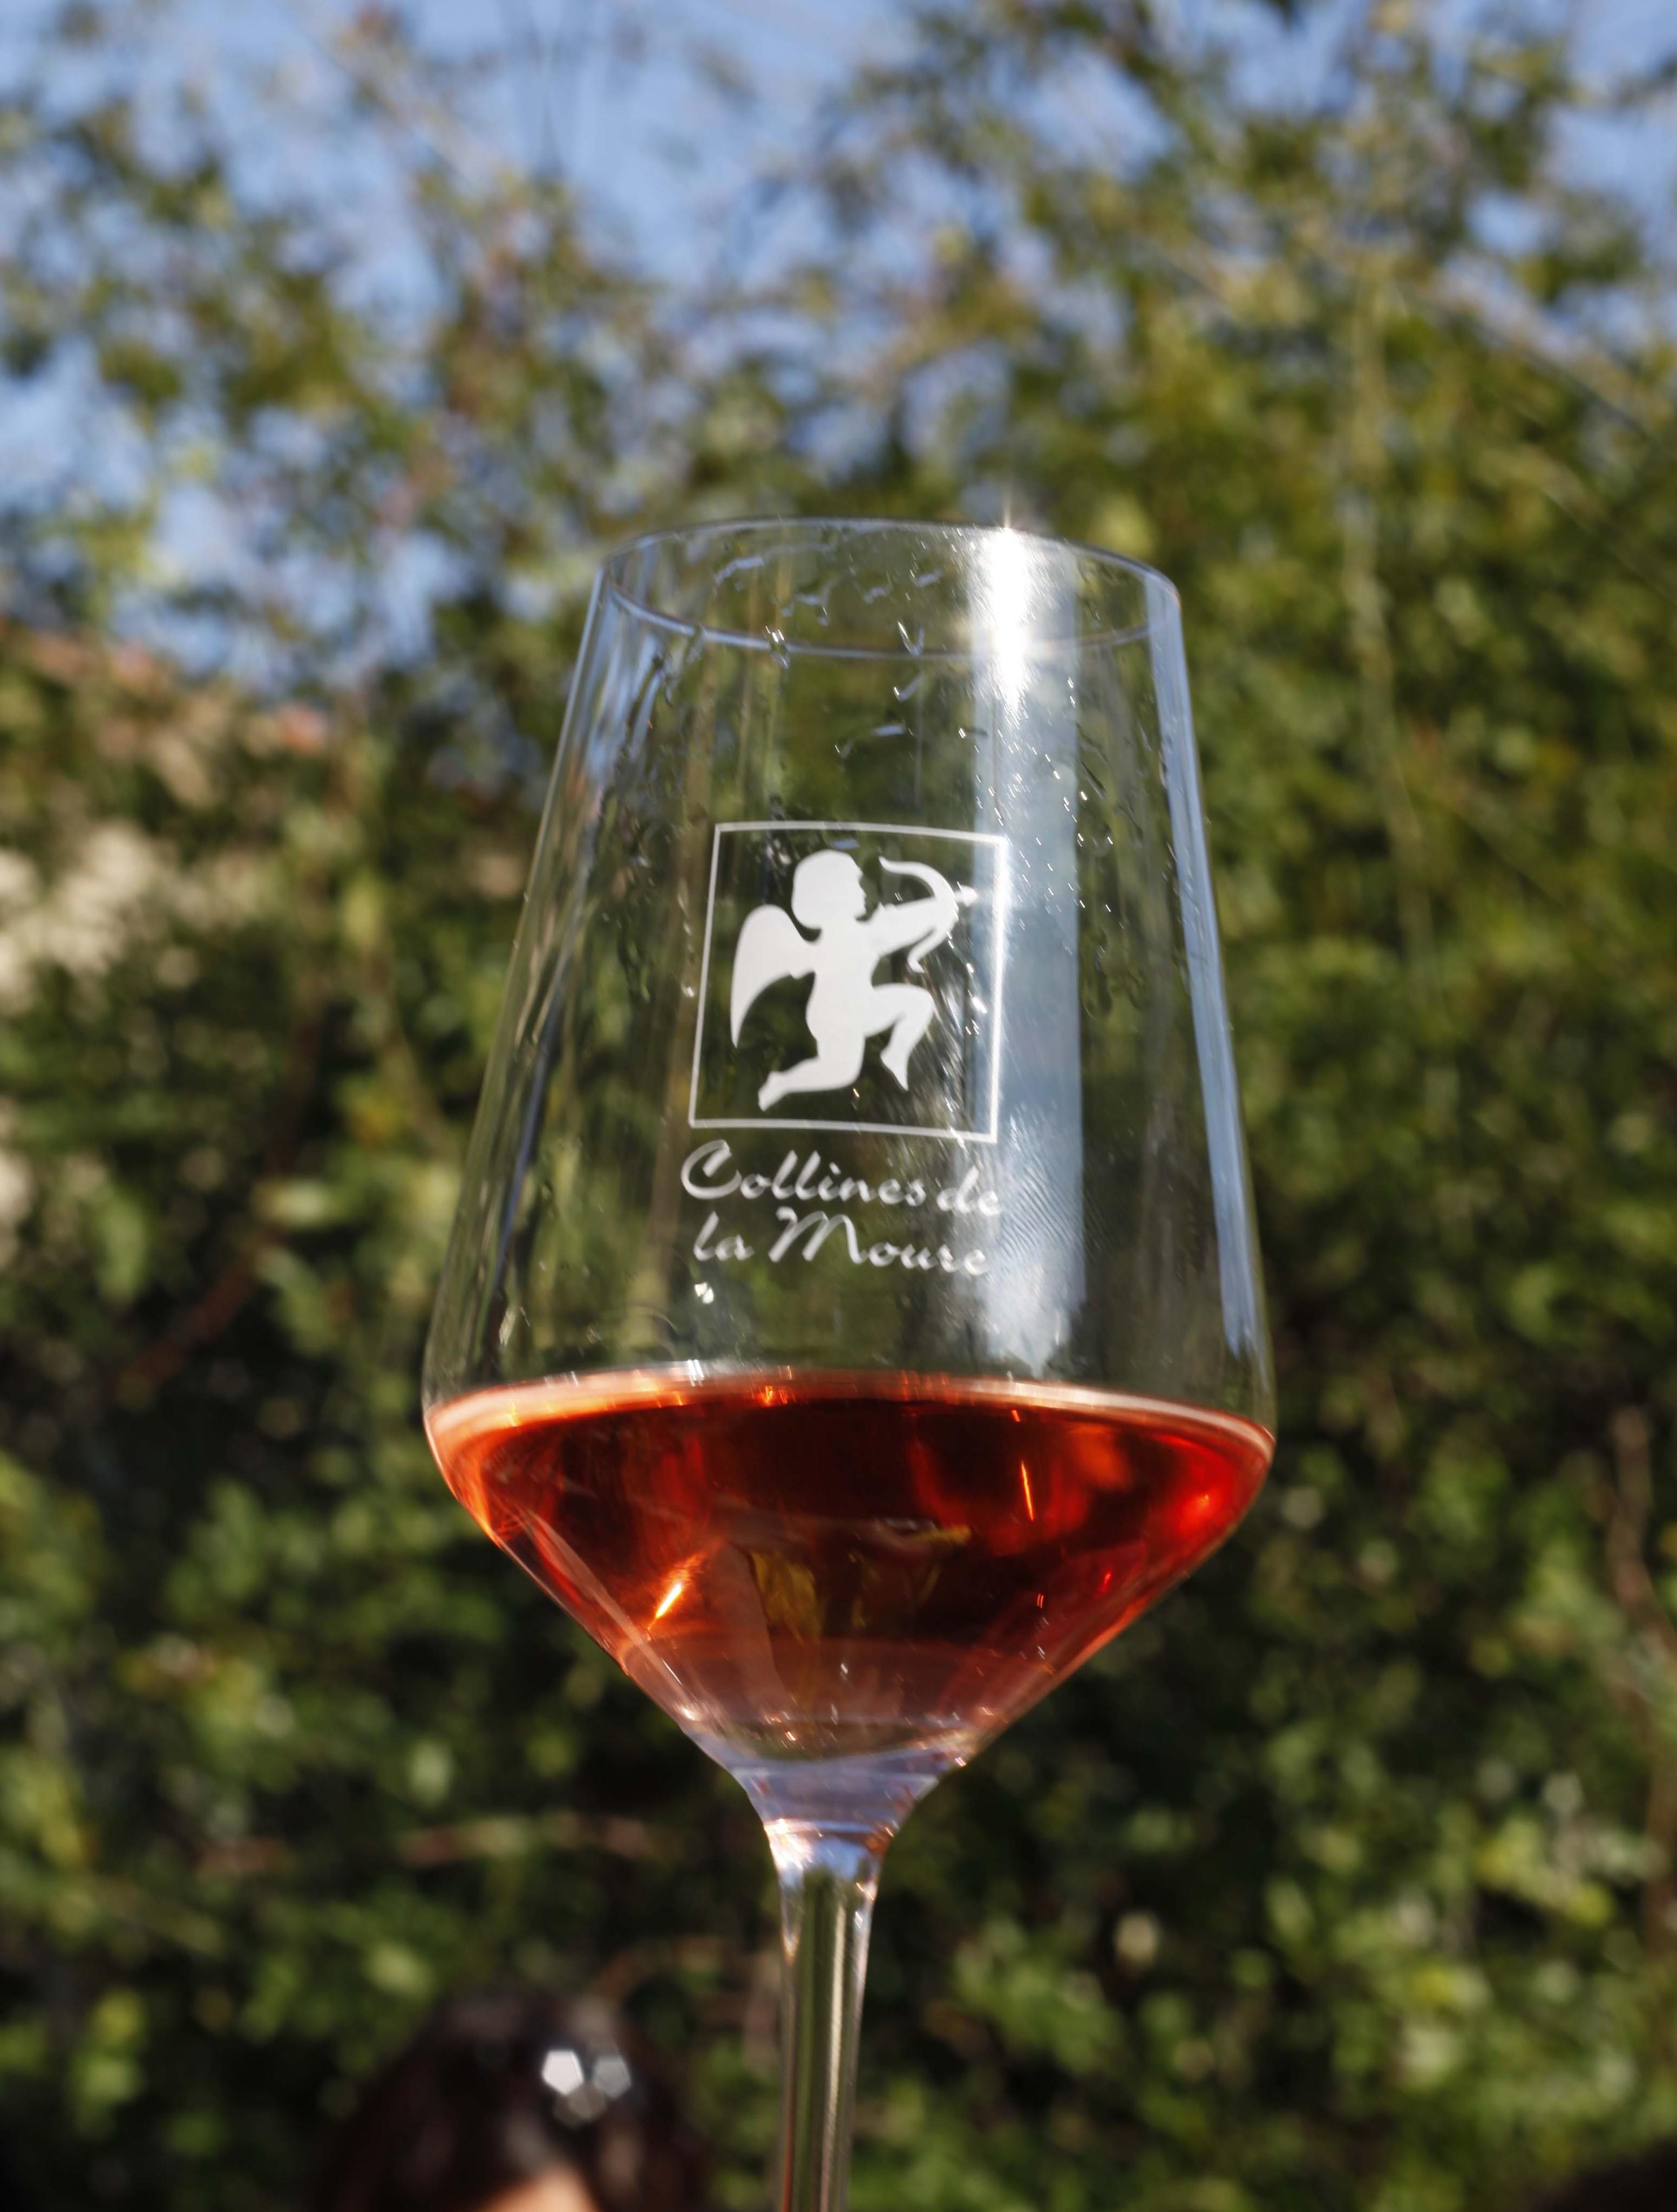 verre fête des vignes